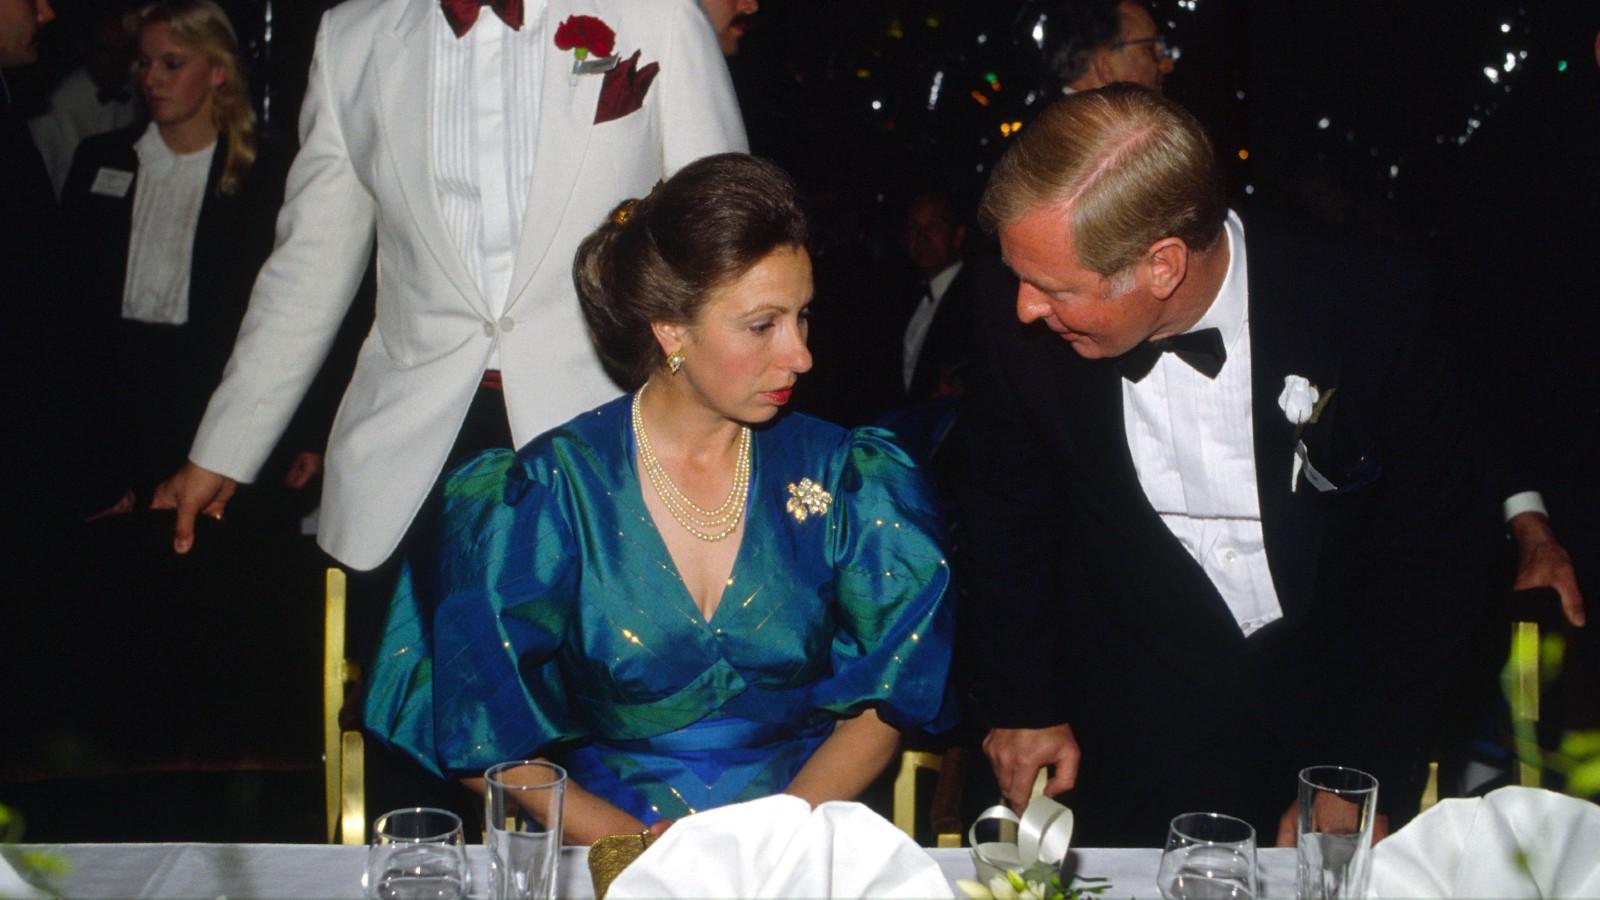 La princesse Anne assise au dîner lors du bal de Berkeley Square à Londres.